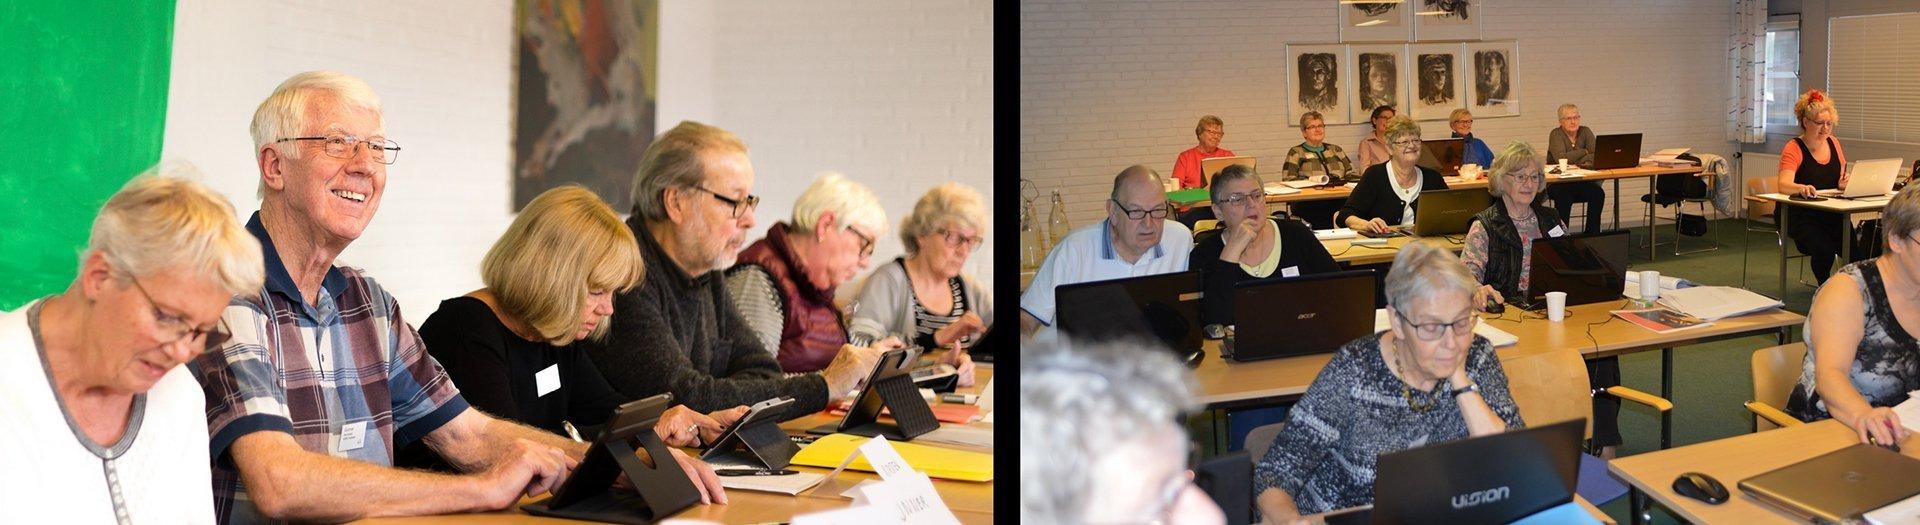 it for seniorer nørgaards højskole windows 10 ipad google slægtsforskning photoshop picasa 6